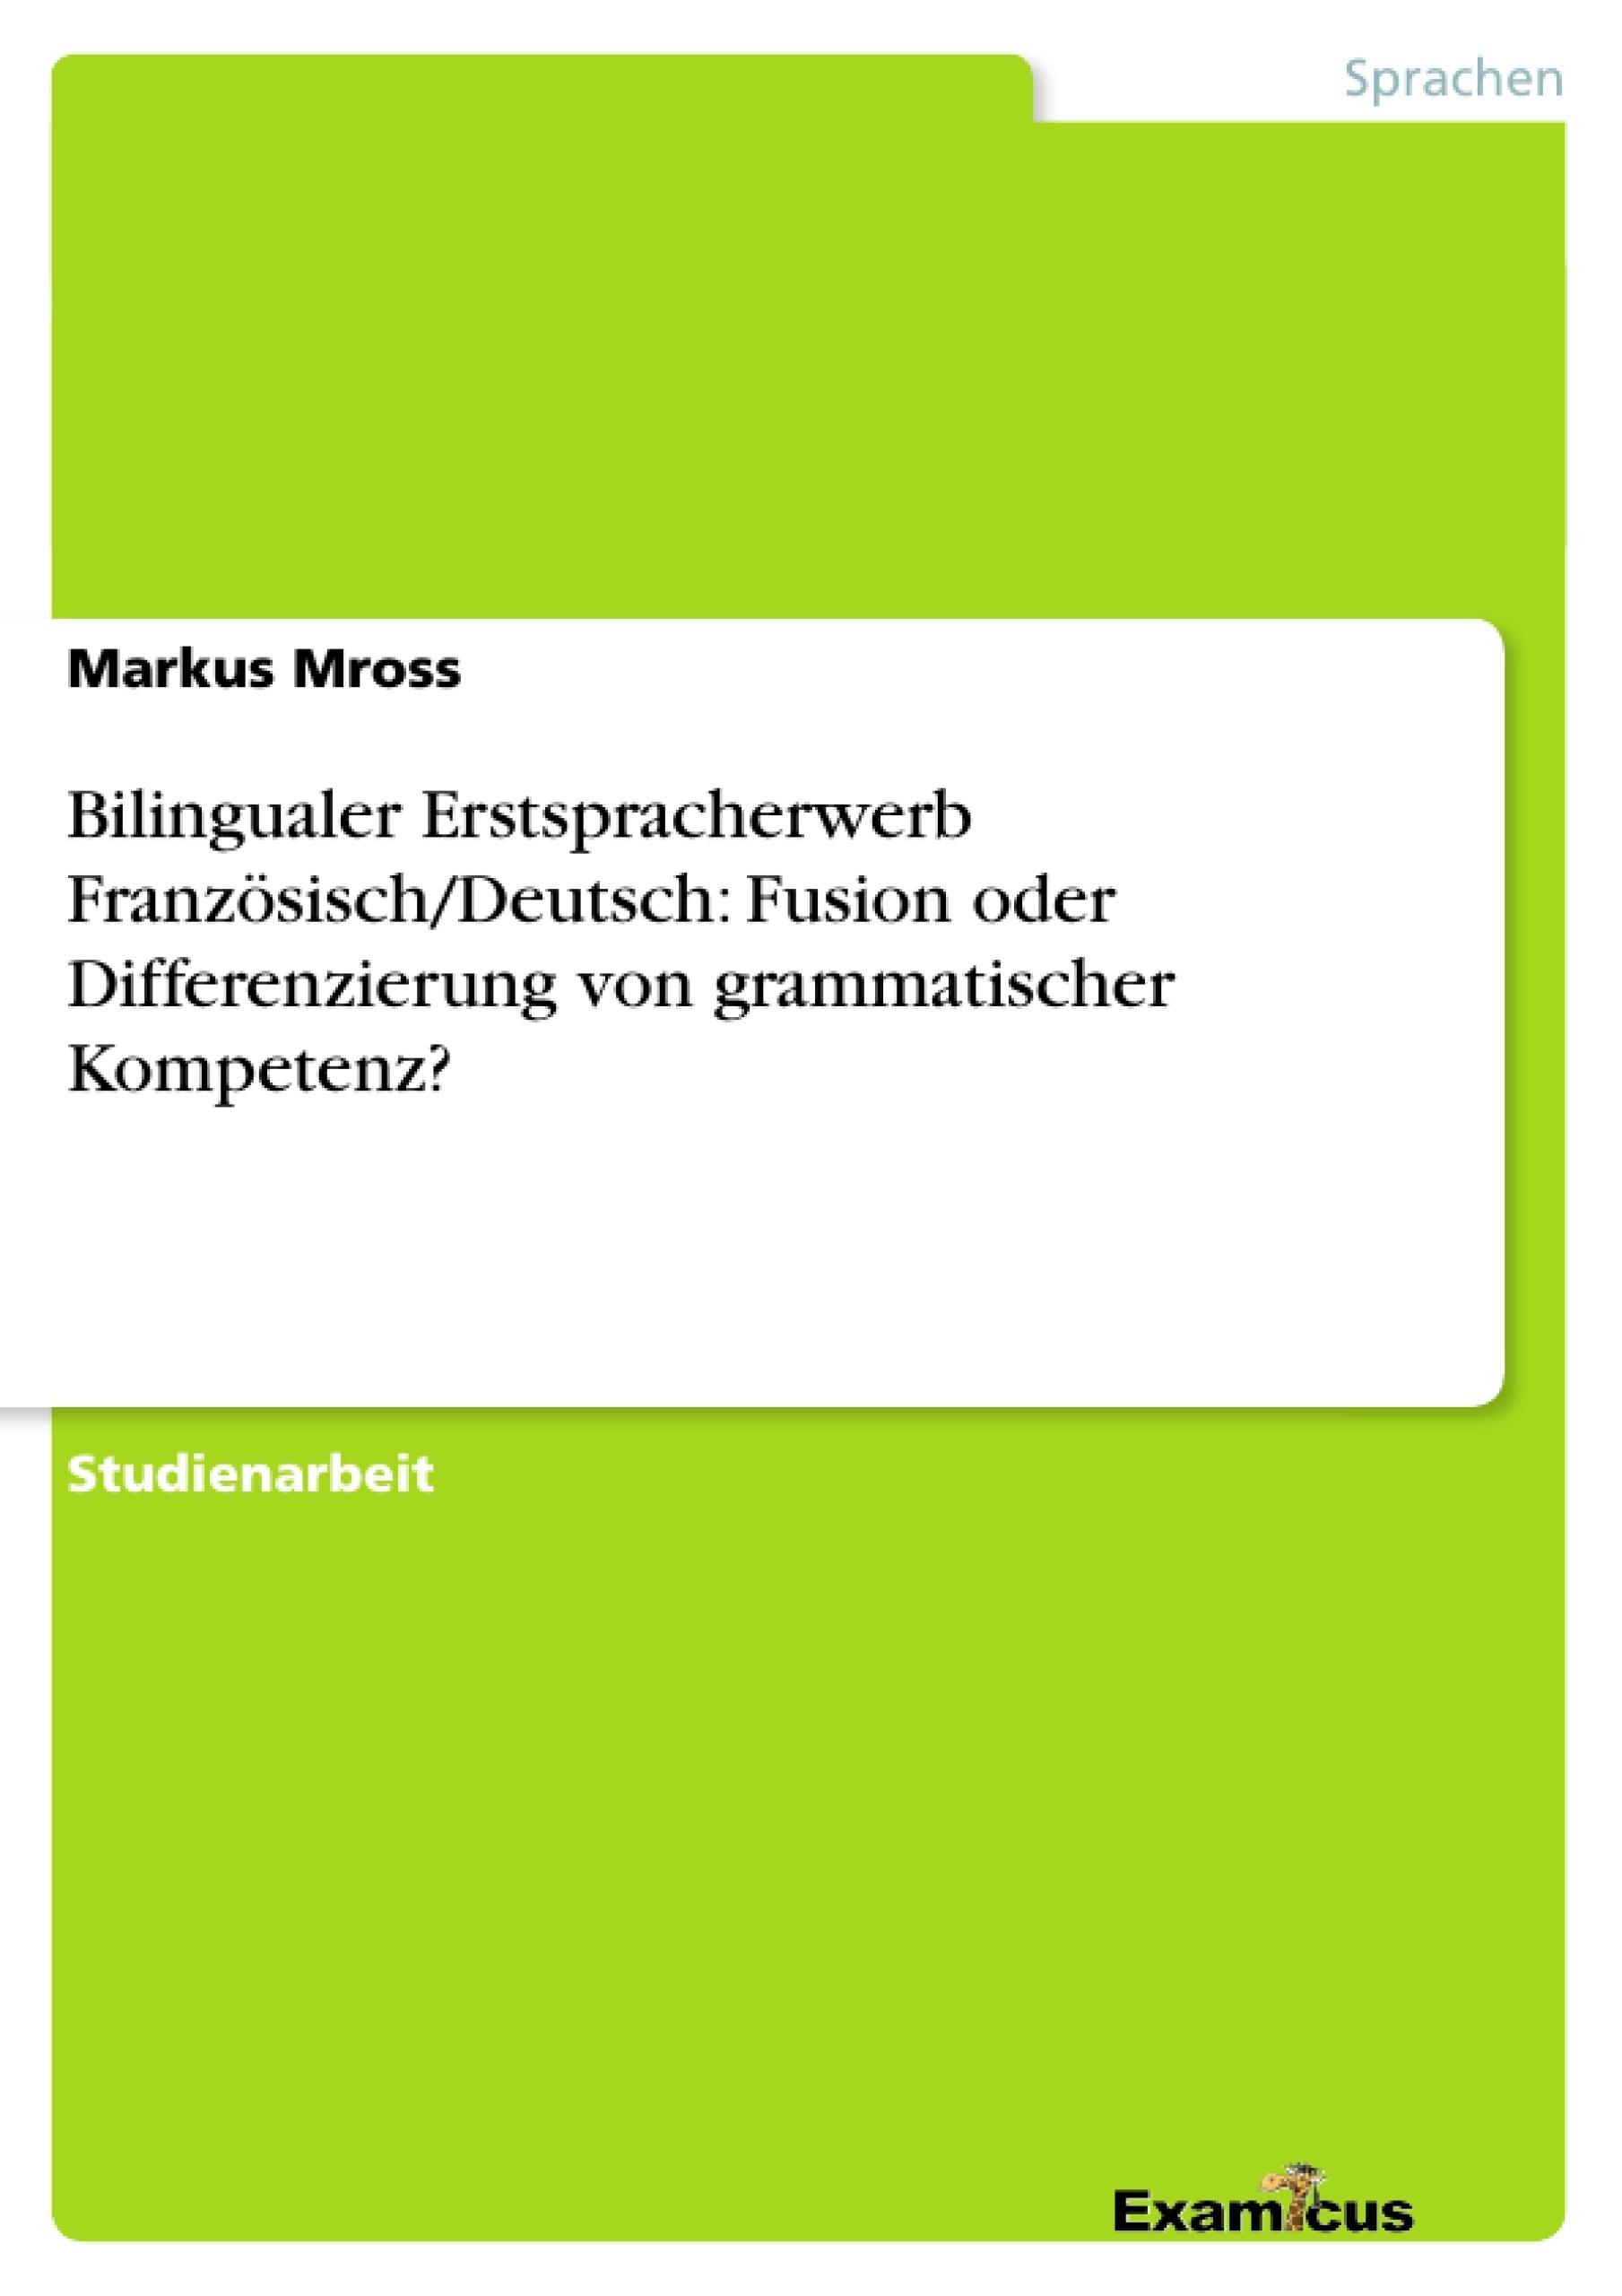 Titel: Bilingualer Erstspracherwerb Französisch/Deutsch: Fusion oder Differenzierung von grammatischer Kompetenz?